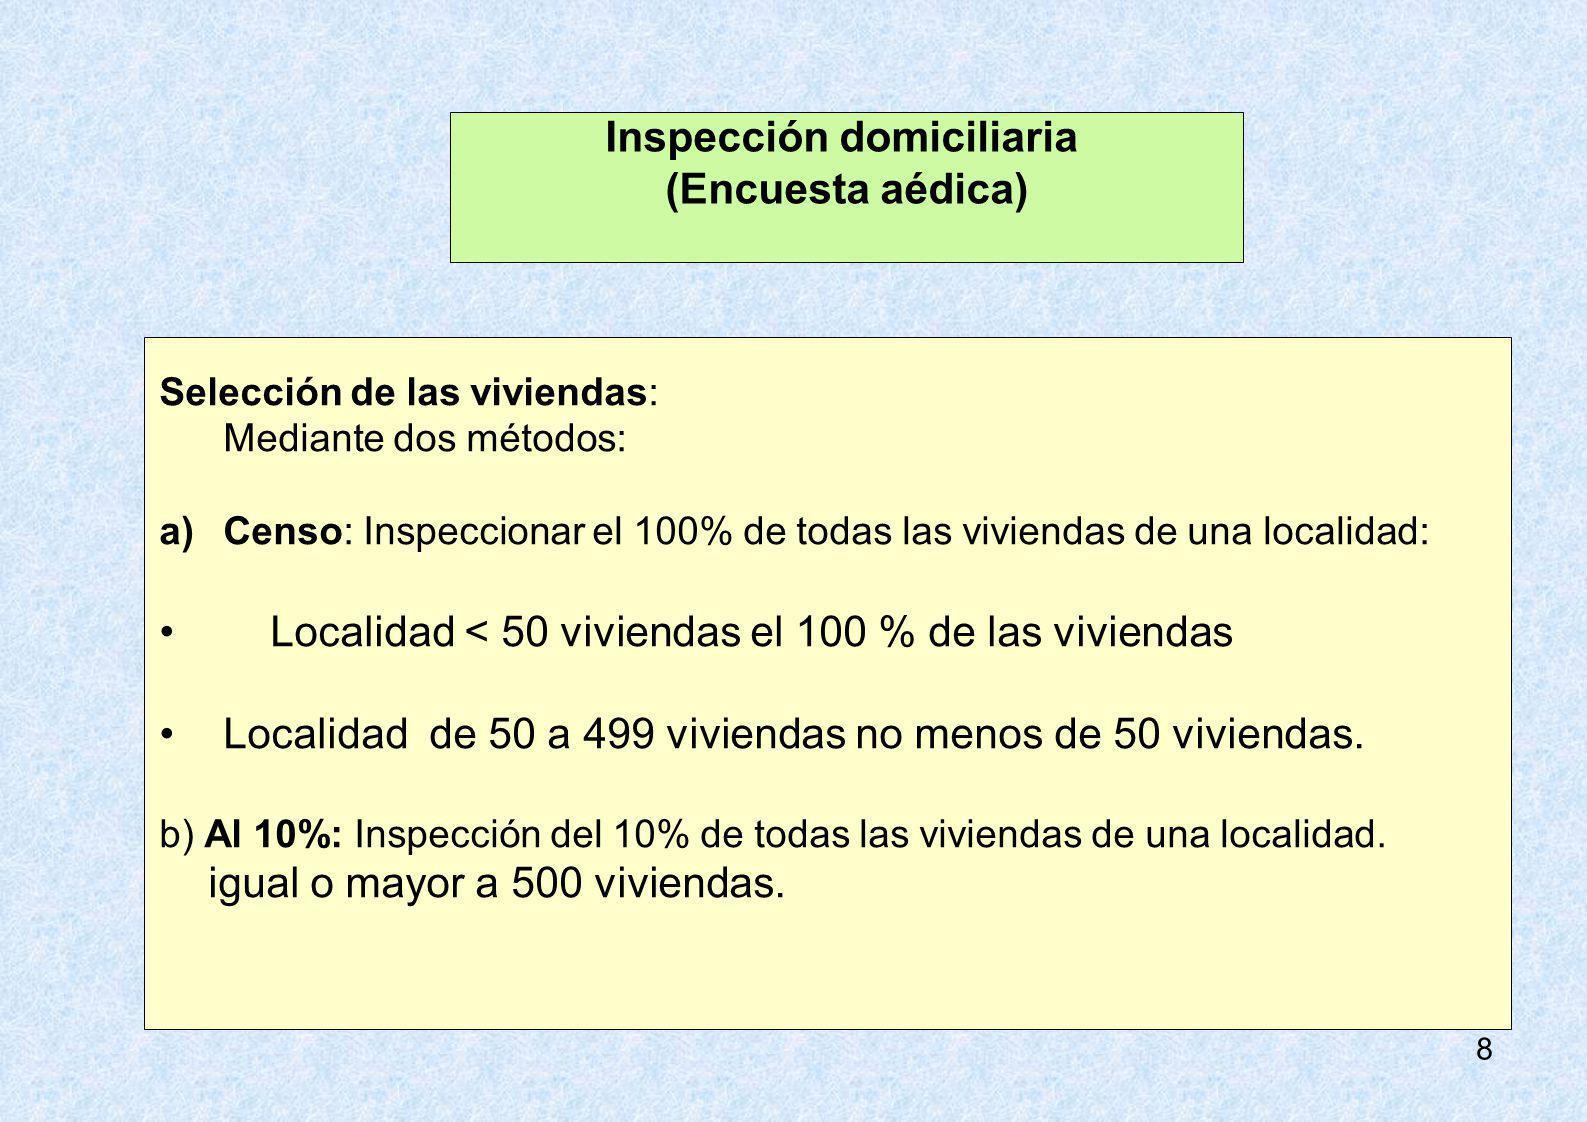 8 Selección de las viviendas: Mediante dos métodos: a)Censo: Inspeccionar el 100% de todas las viviendas de una localidad: Localidad < 50 viviendas el